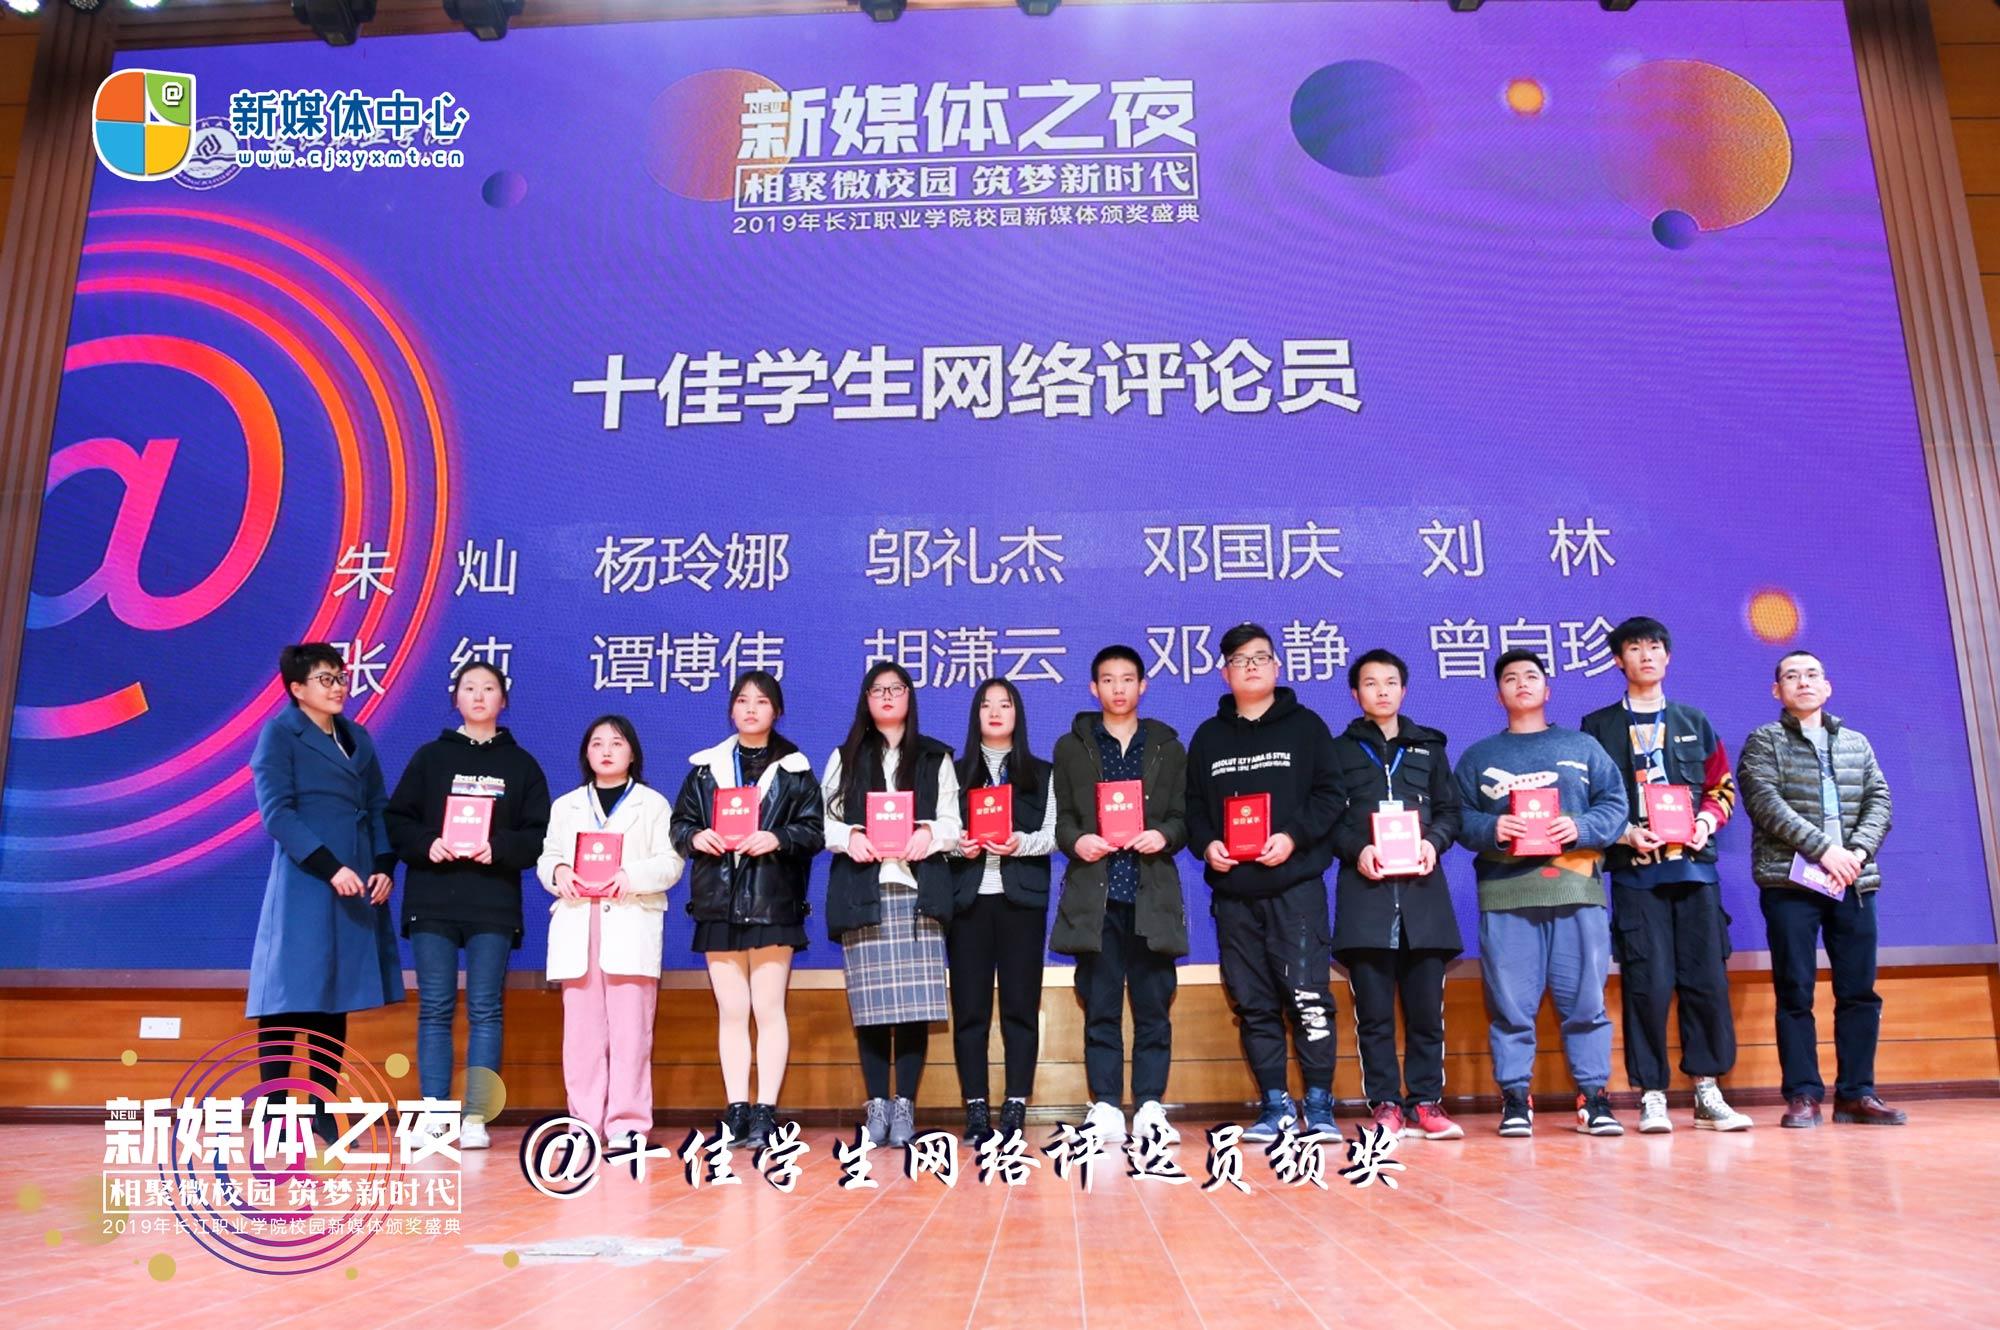 流程22  颁奖   十佳学生评论员